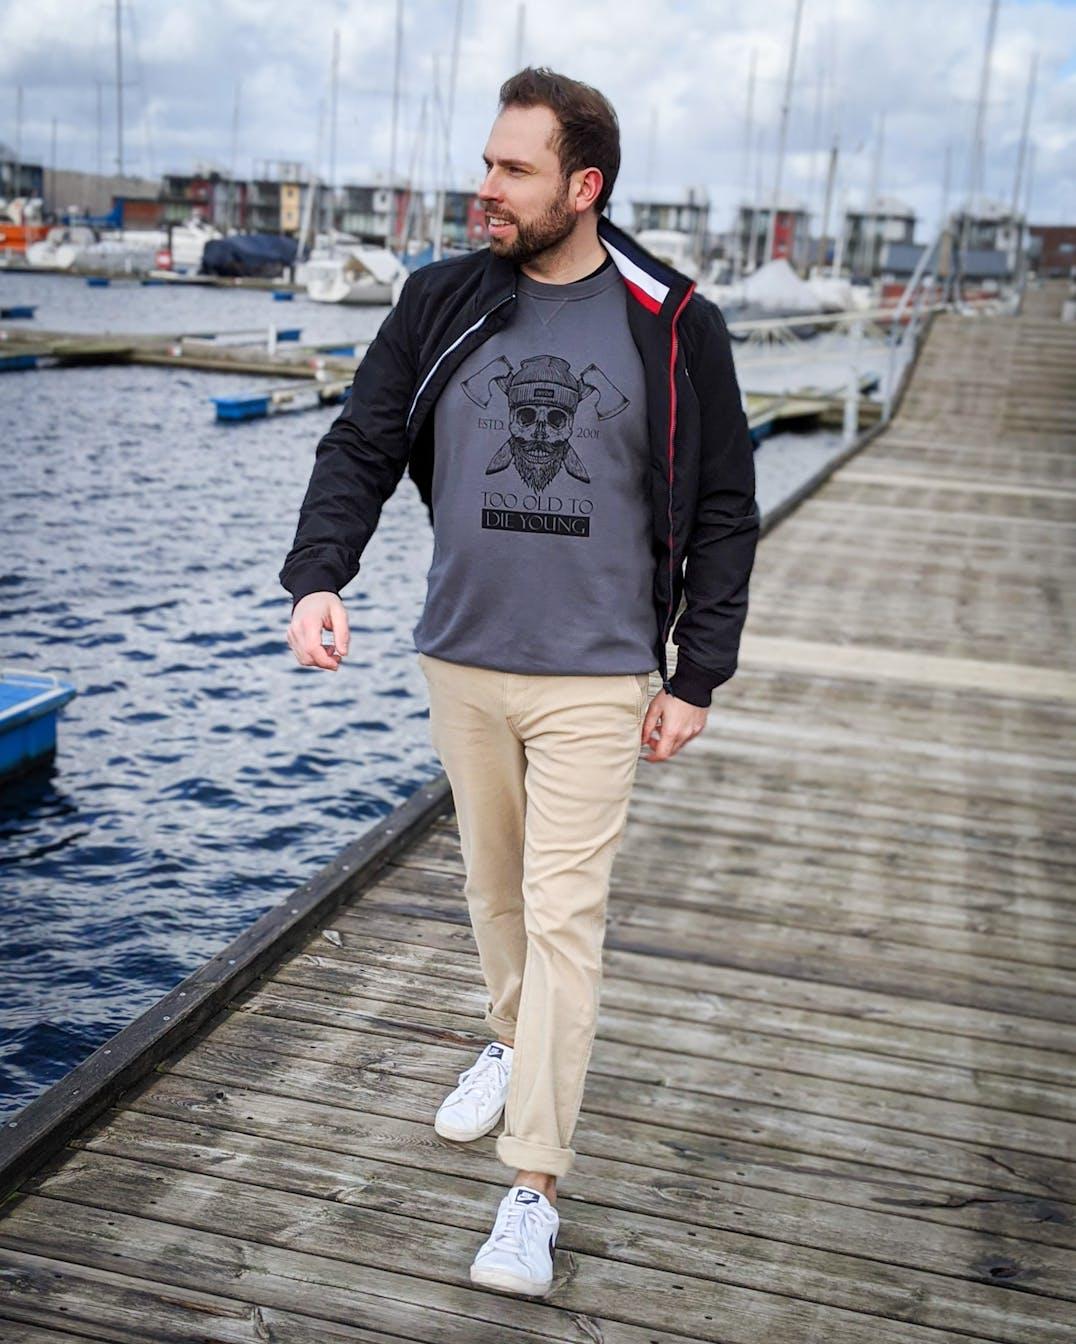 Mann läuft im modischen Outfit über einen Steg